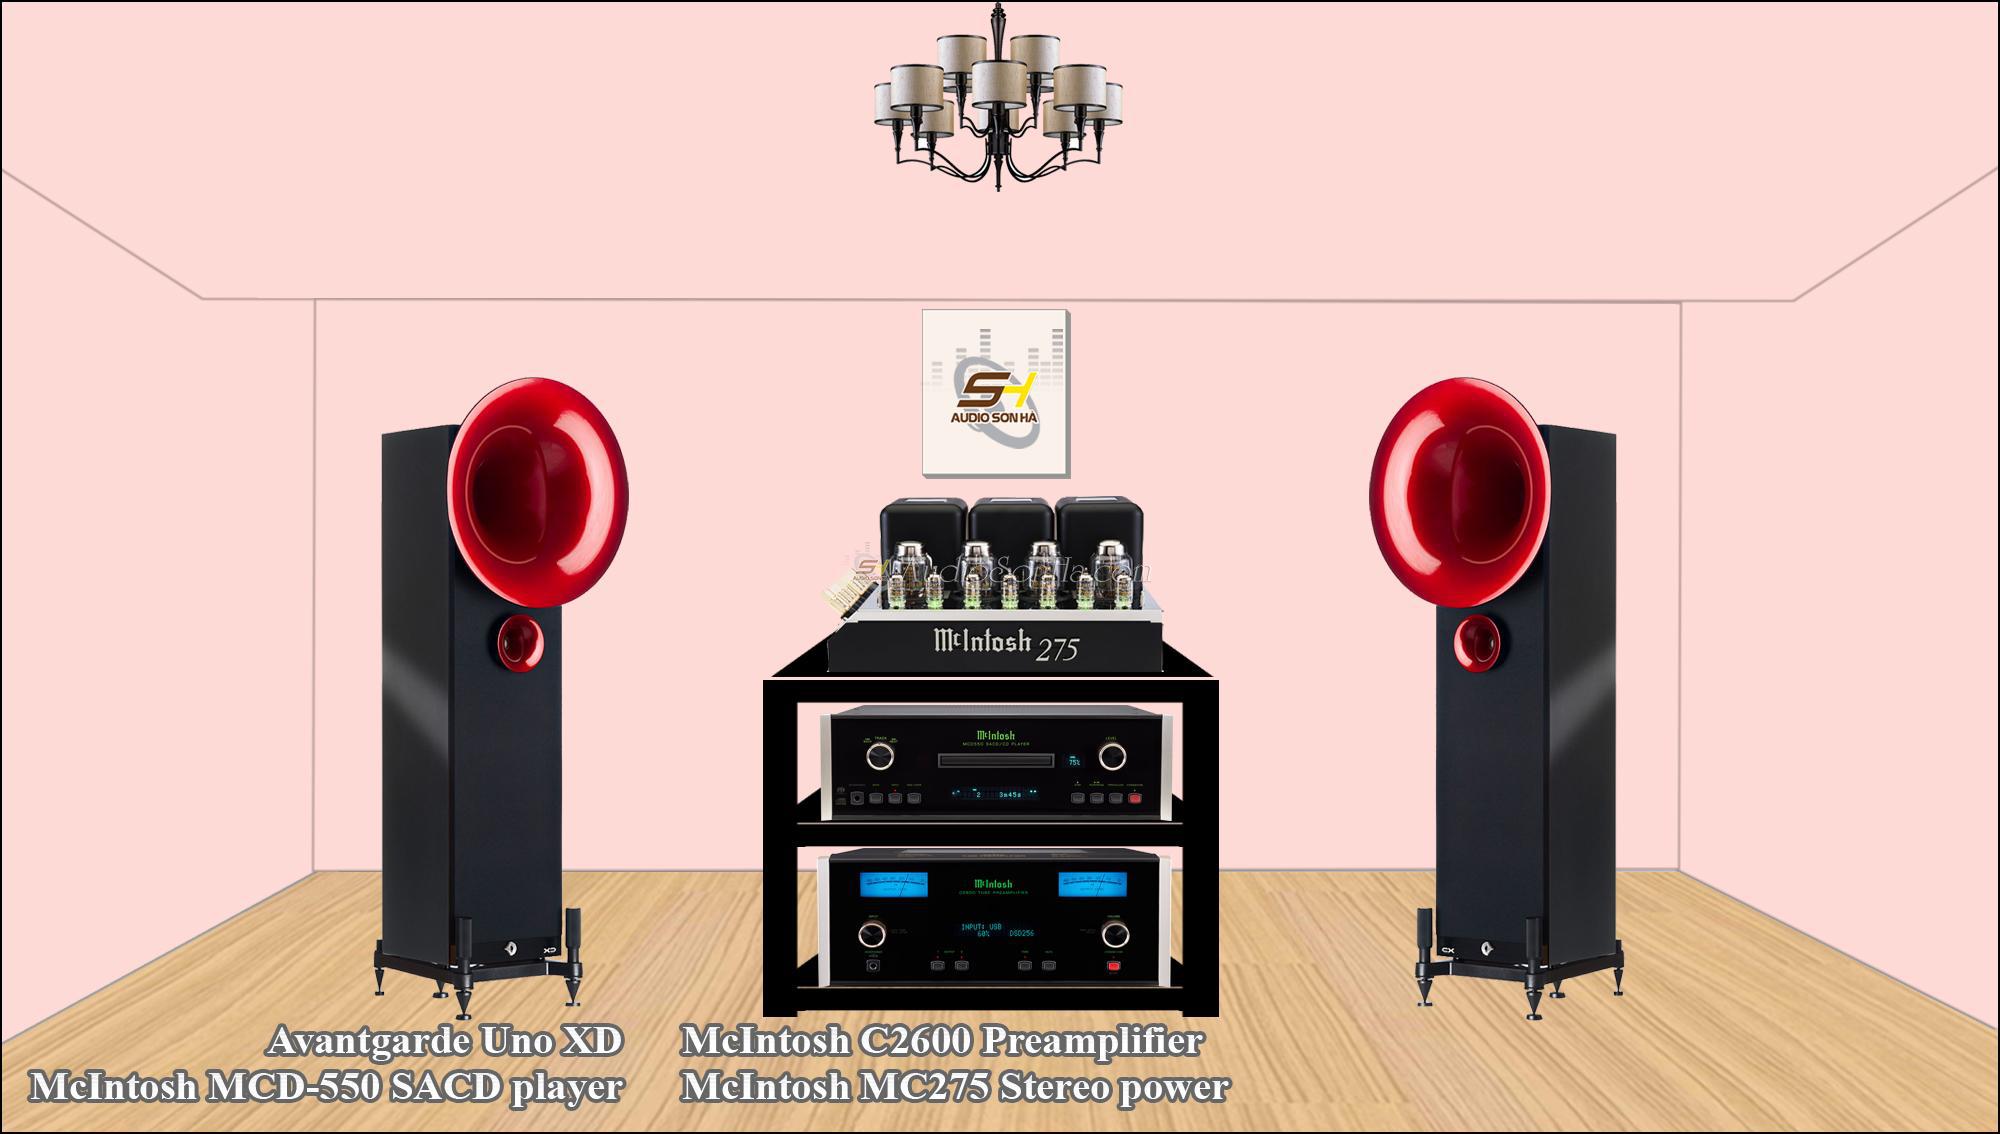 Hệ thống nghe nhạc McIntosh & Avantgarde Uno XD